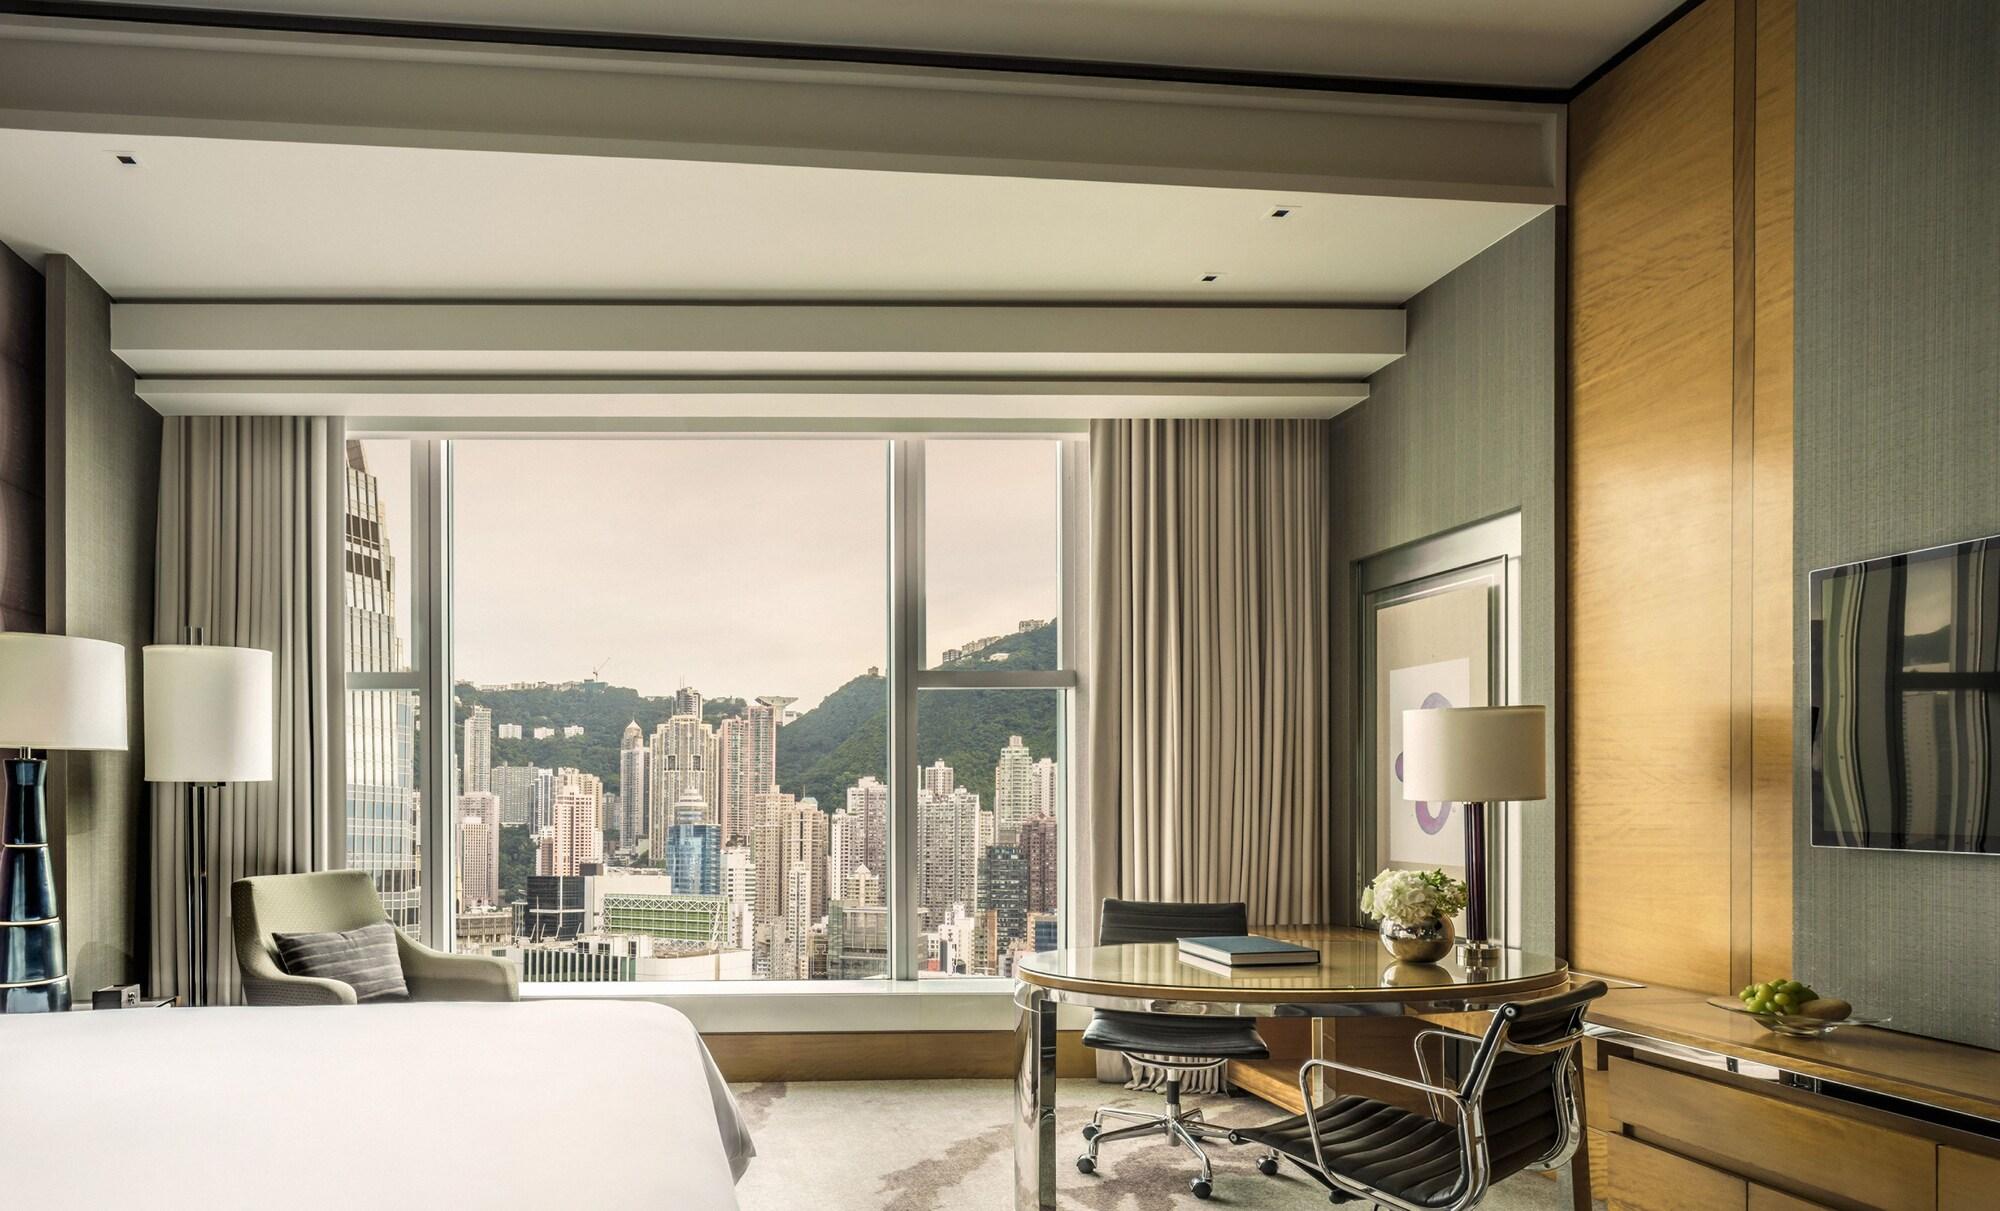 Deluxe Twin Room - Peak View